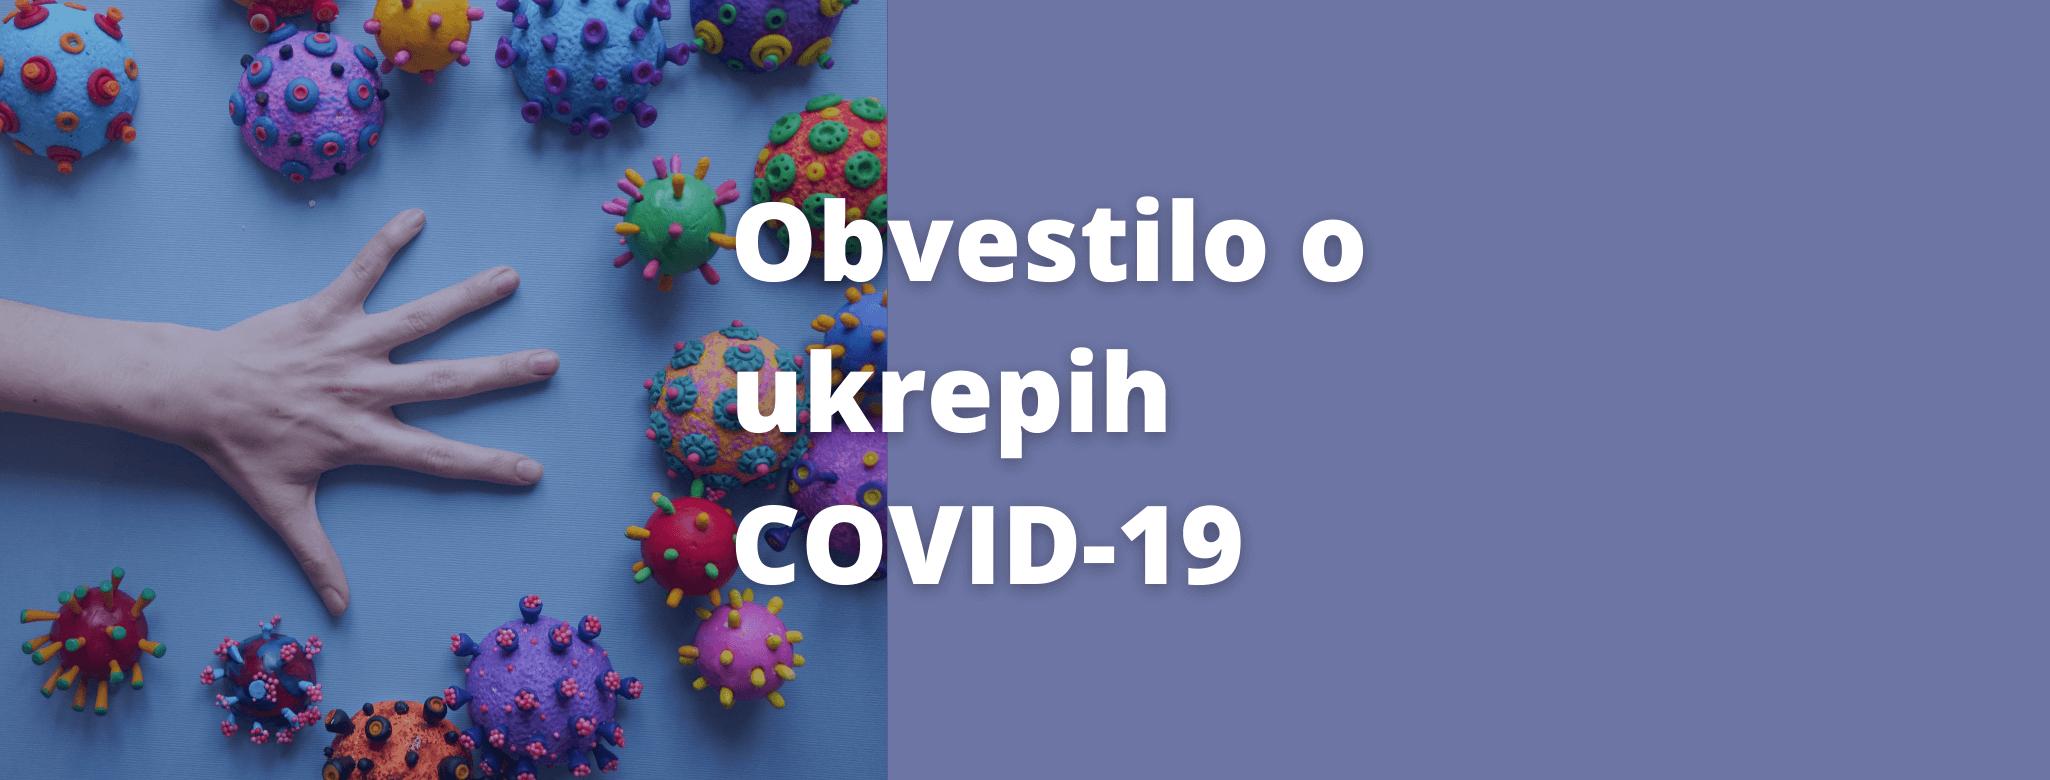 Covid-19- Obvestilo o ukrepih